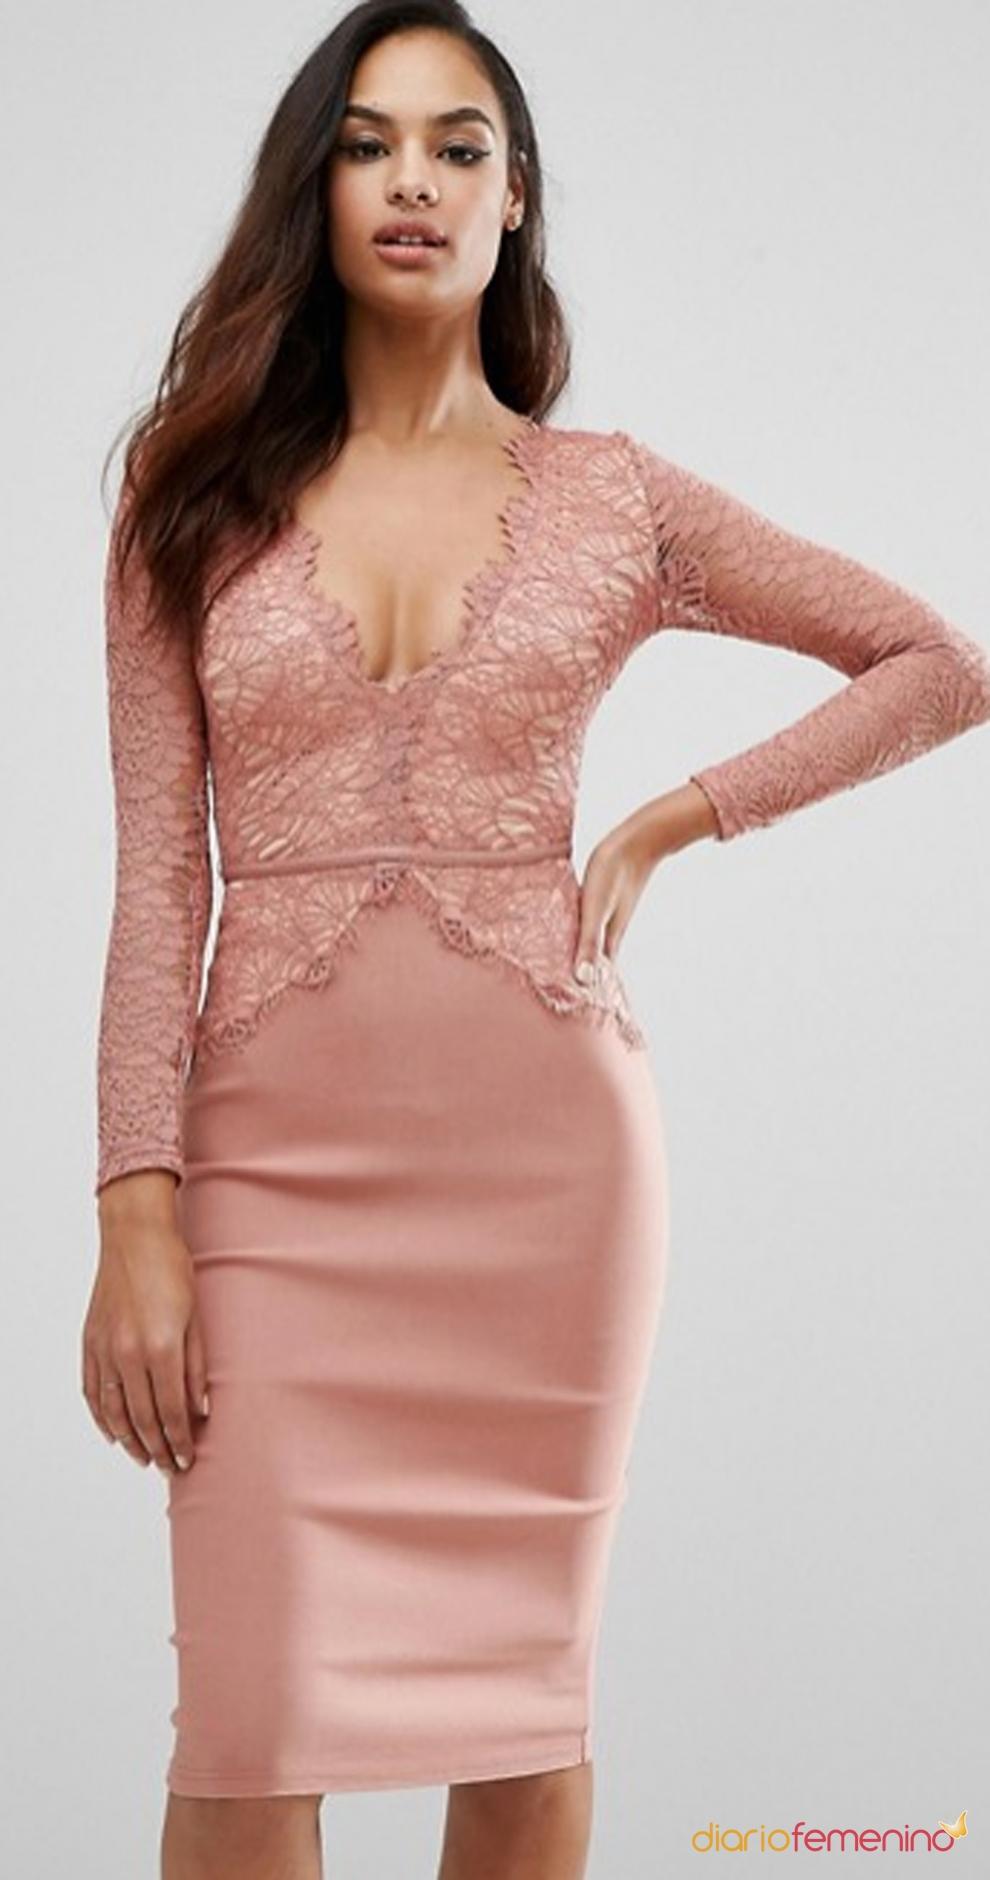 Moderno Vestidos De Fiesta Asos Composición - Colección de Vestidos ...